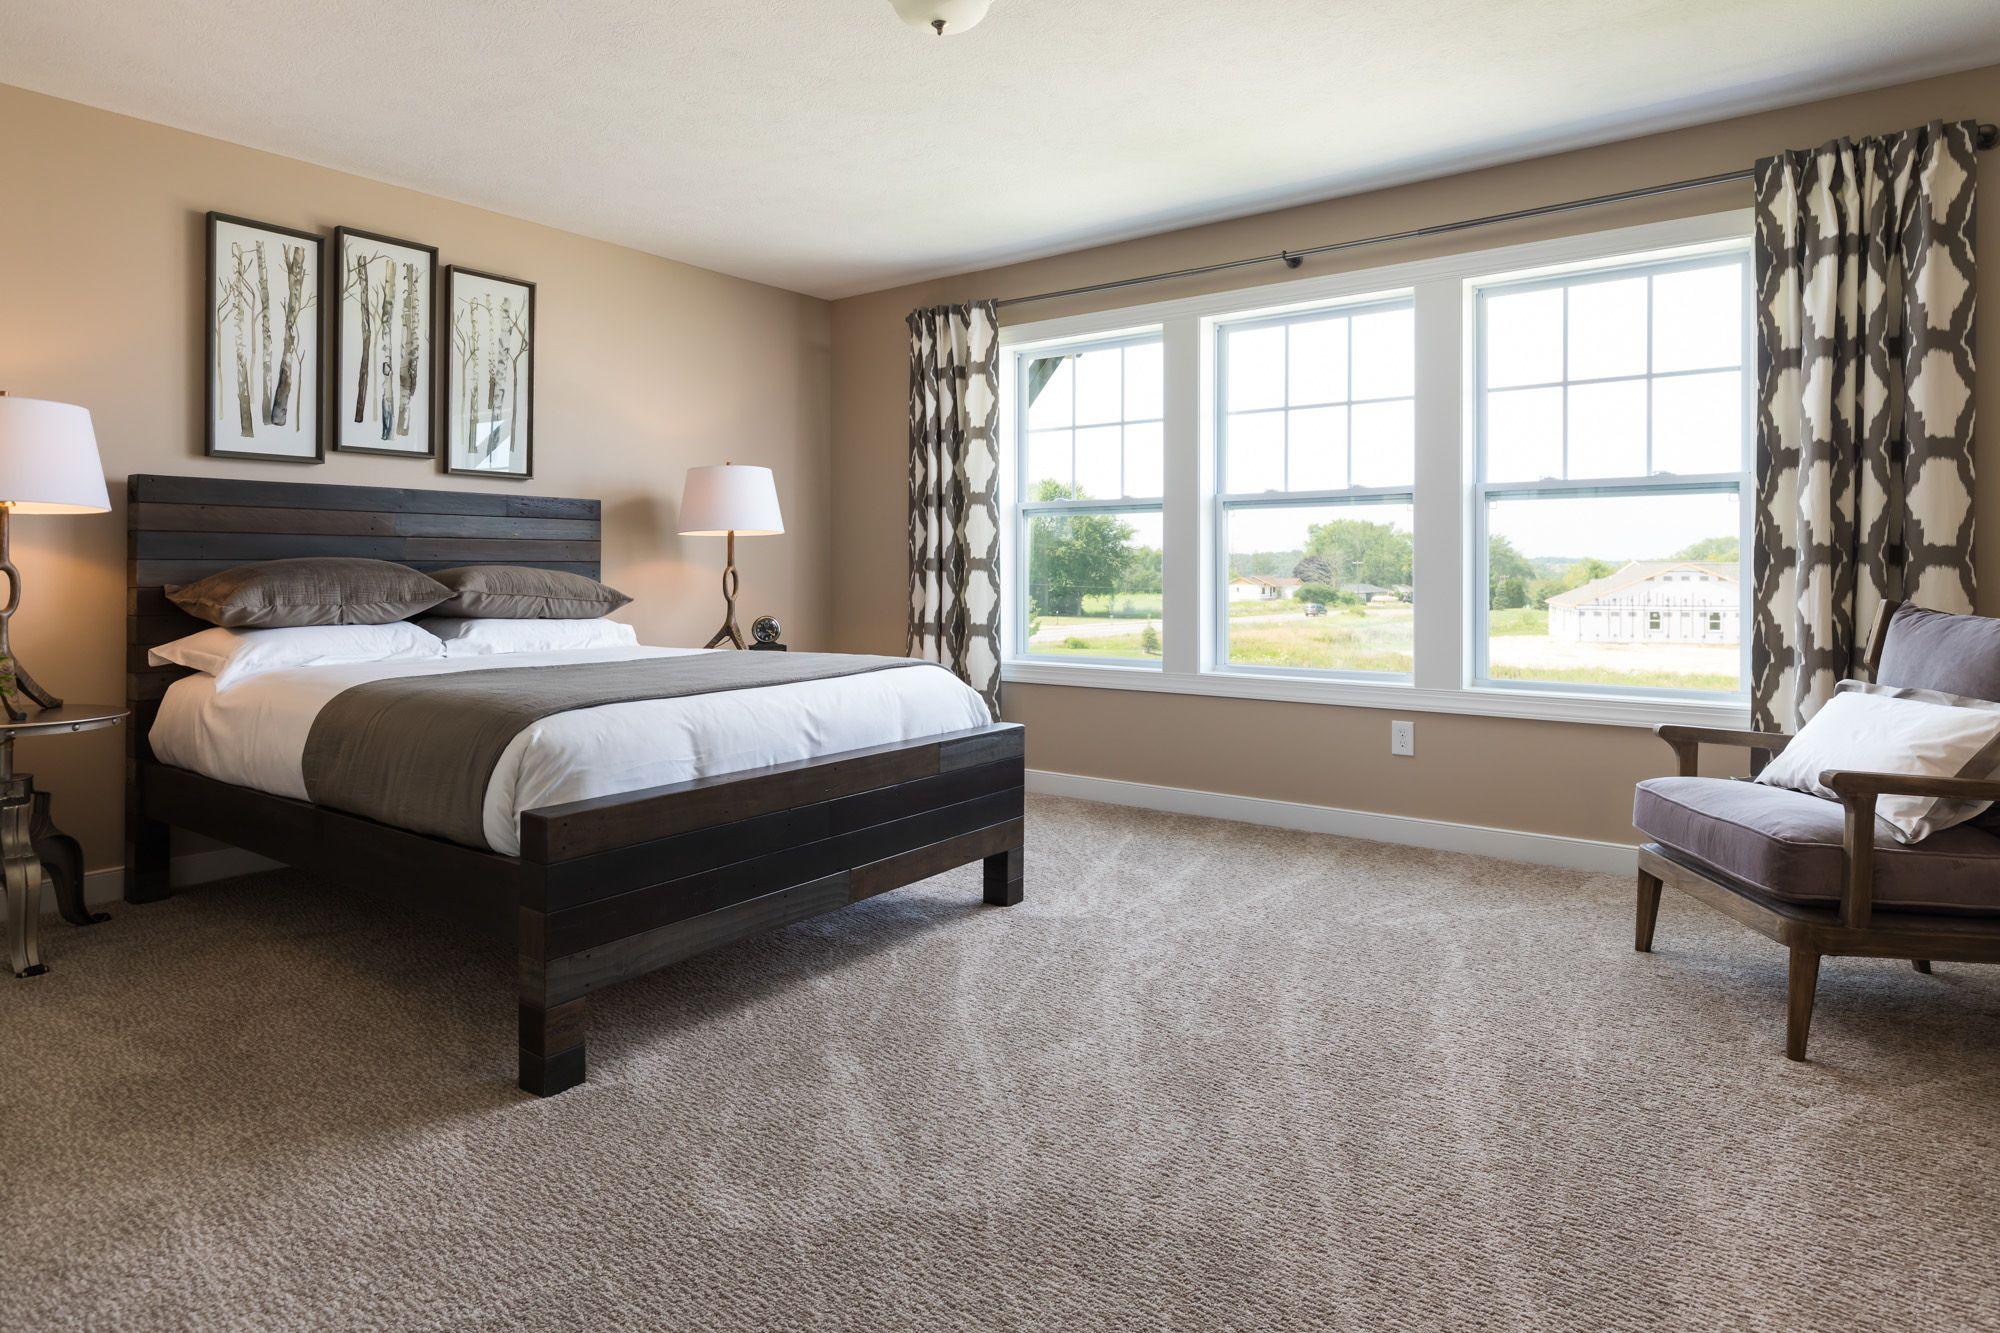 Bedroom featured in the Elements 2600 By Allen Edwin Homes in Benton Harbor, MI